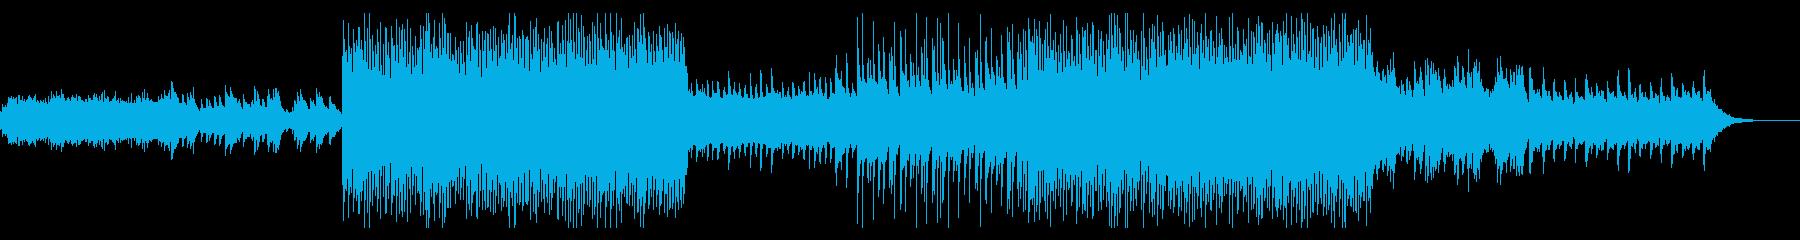 ピアノとシンセがメインの爽やかなポップの再生済みの波形